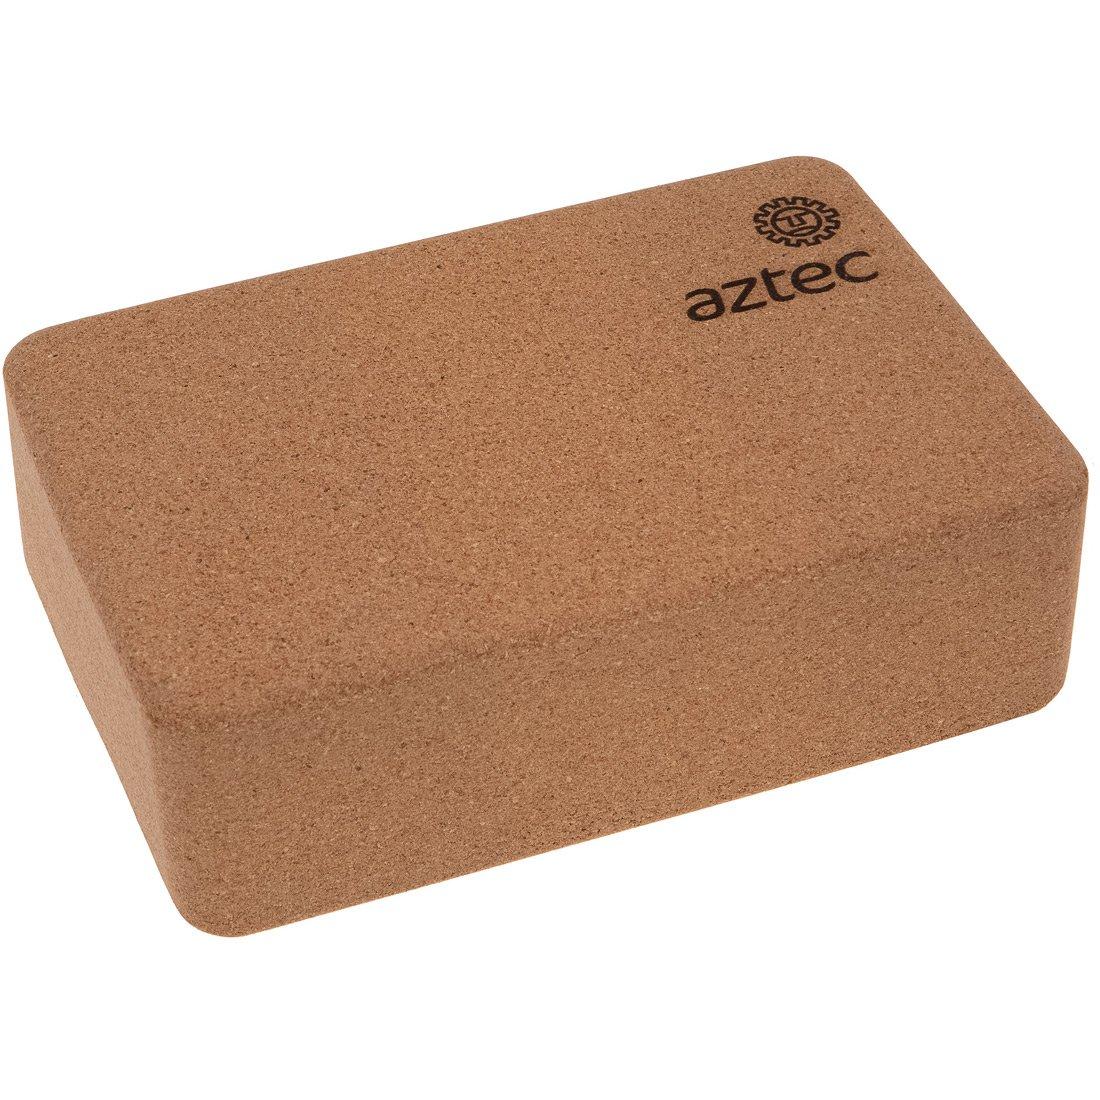 בלוק יוגה - Cork Yoga Block - Aztec